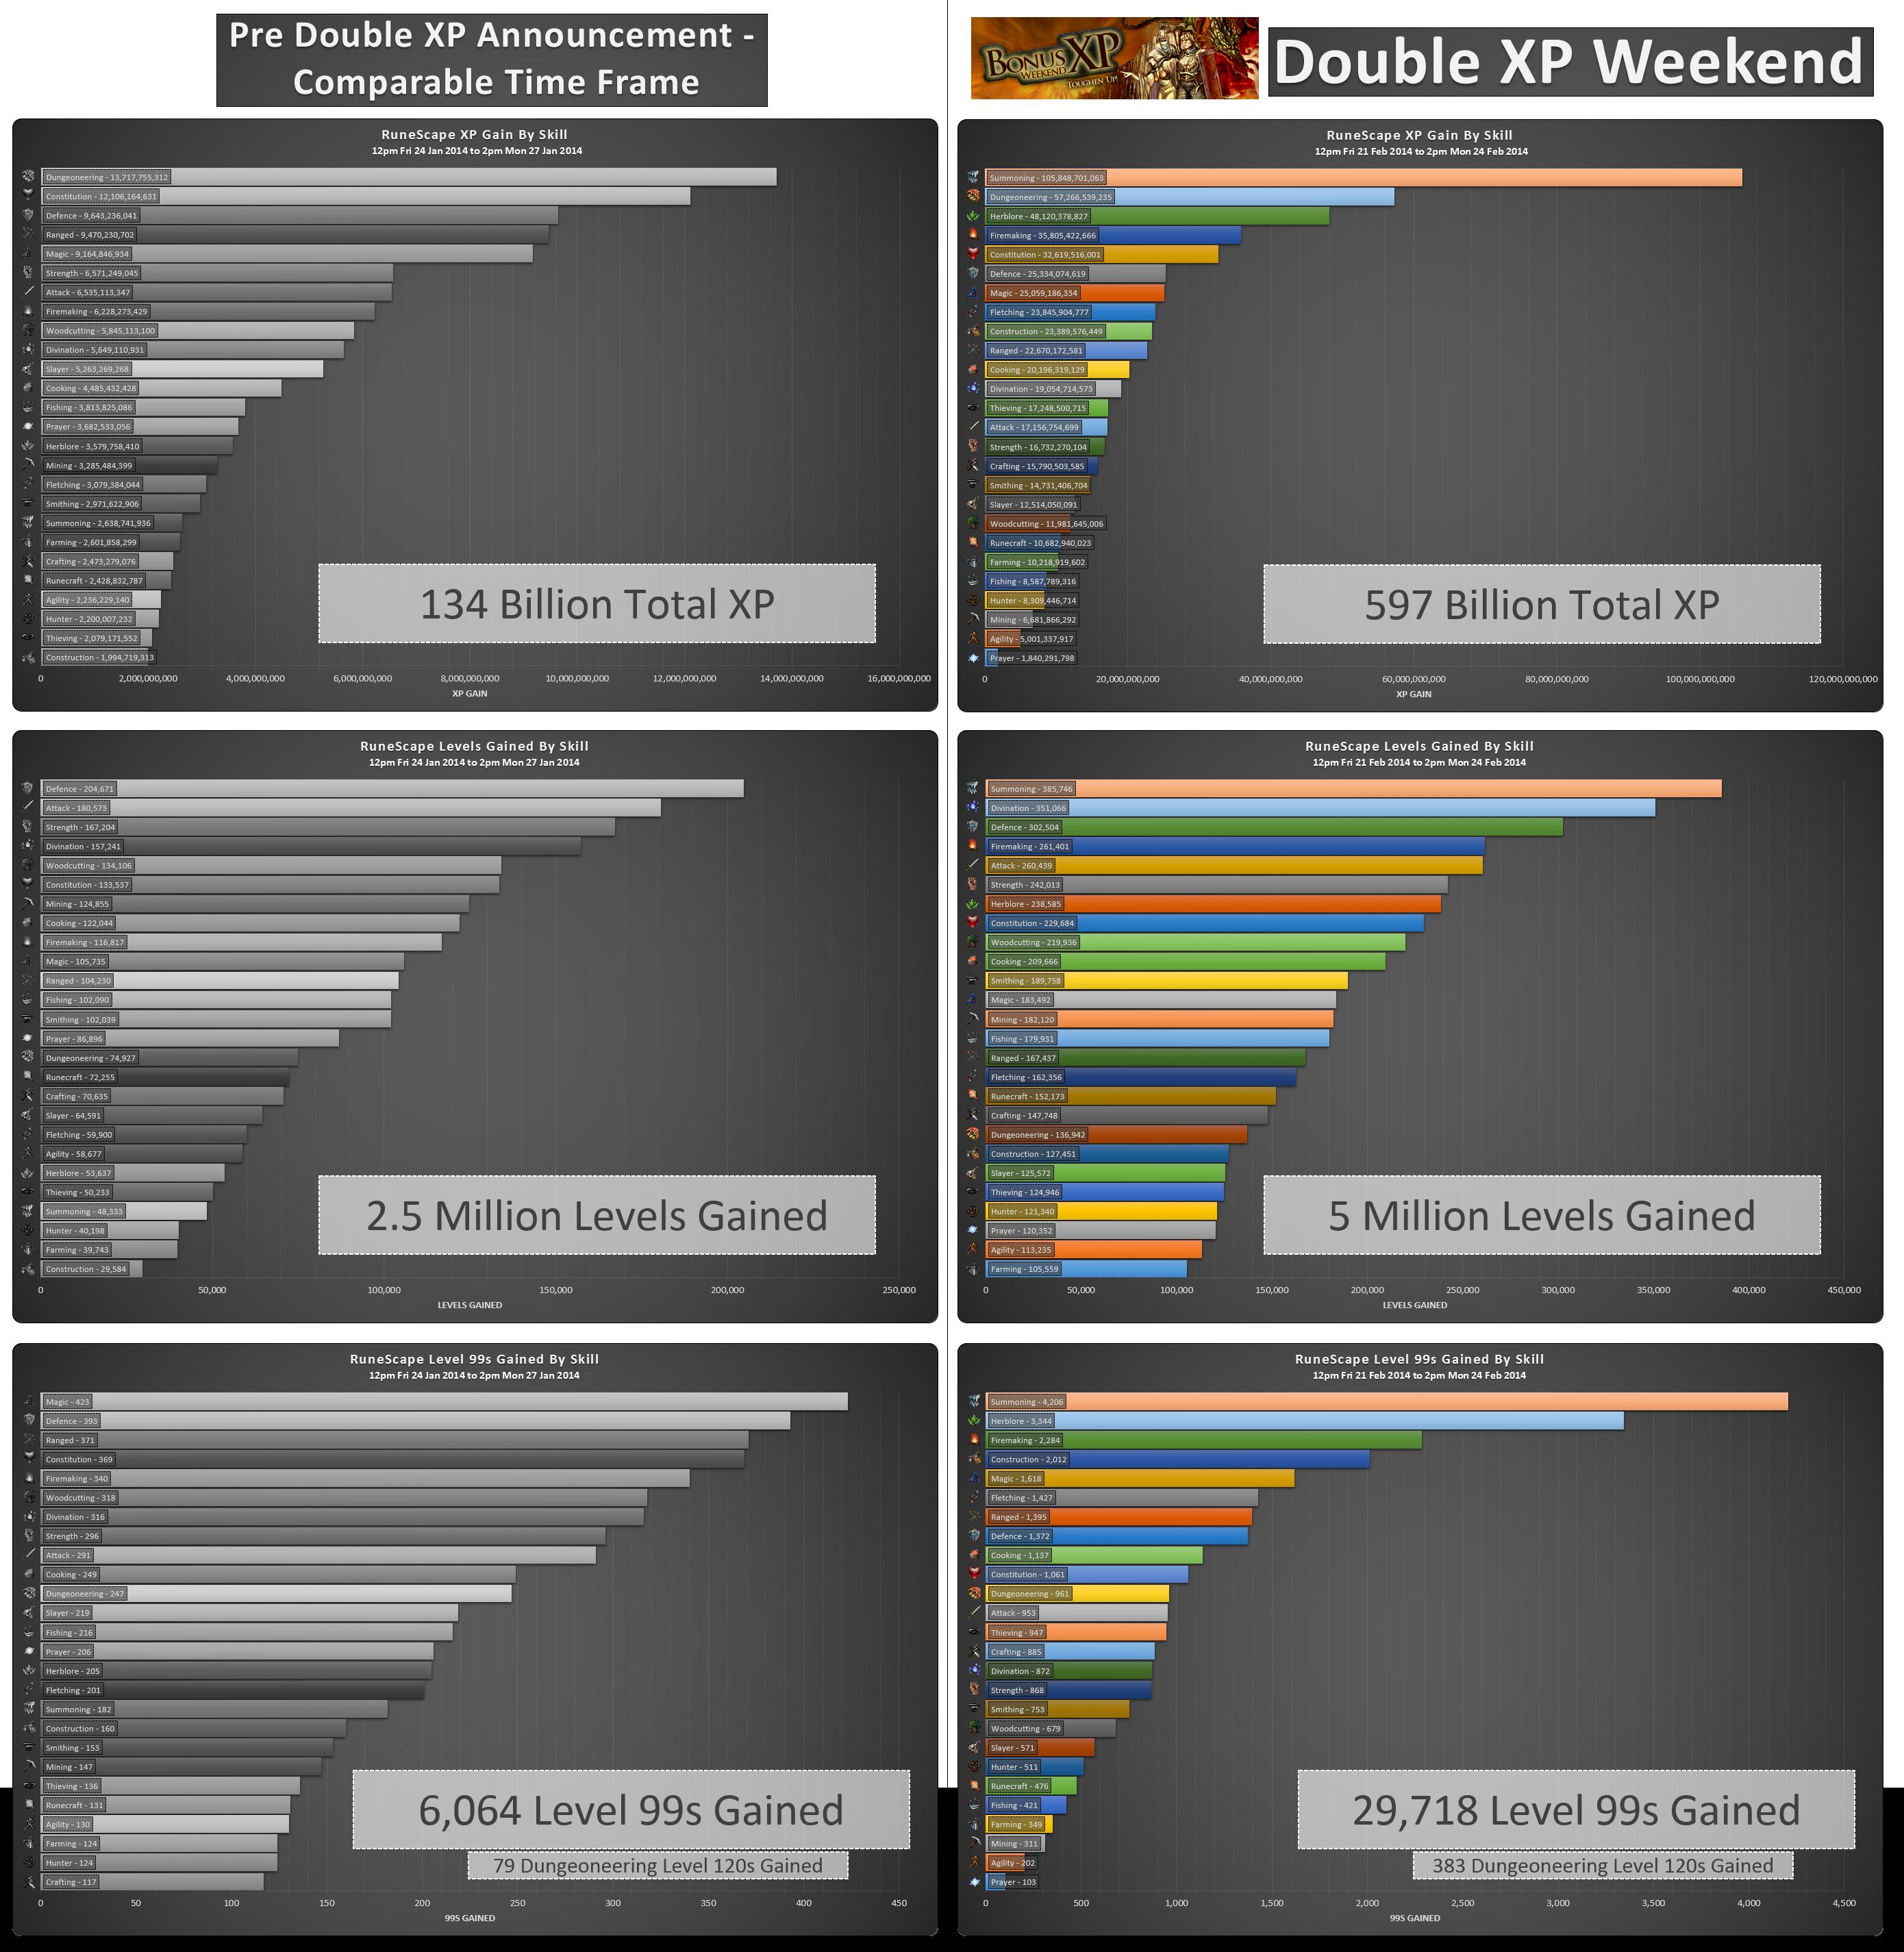 DXP_Stats_1-26095217.png